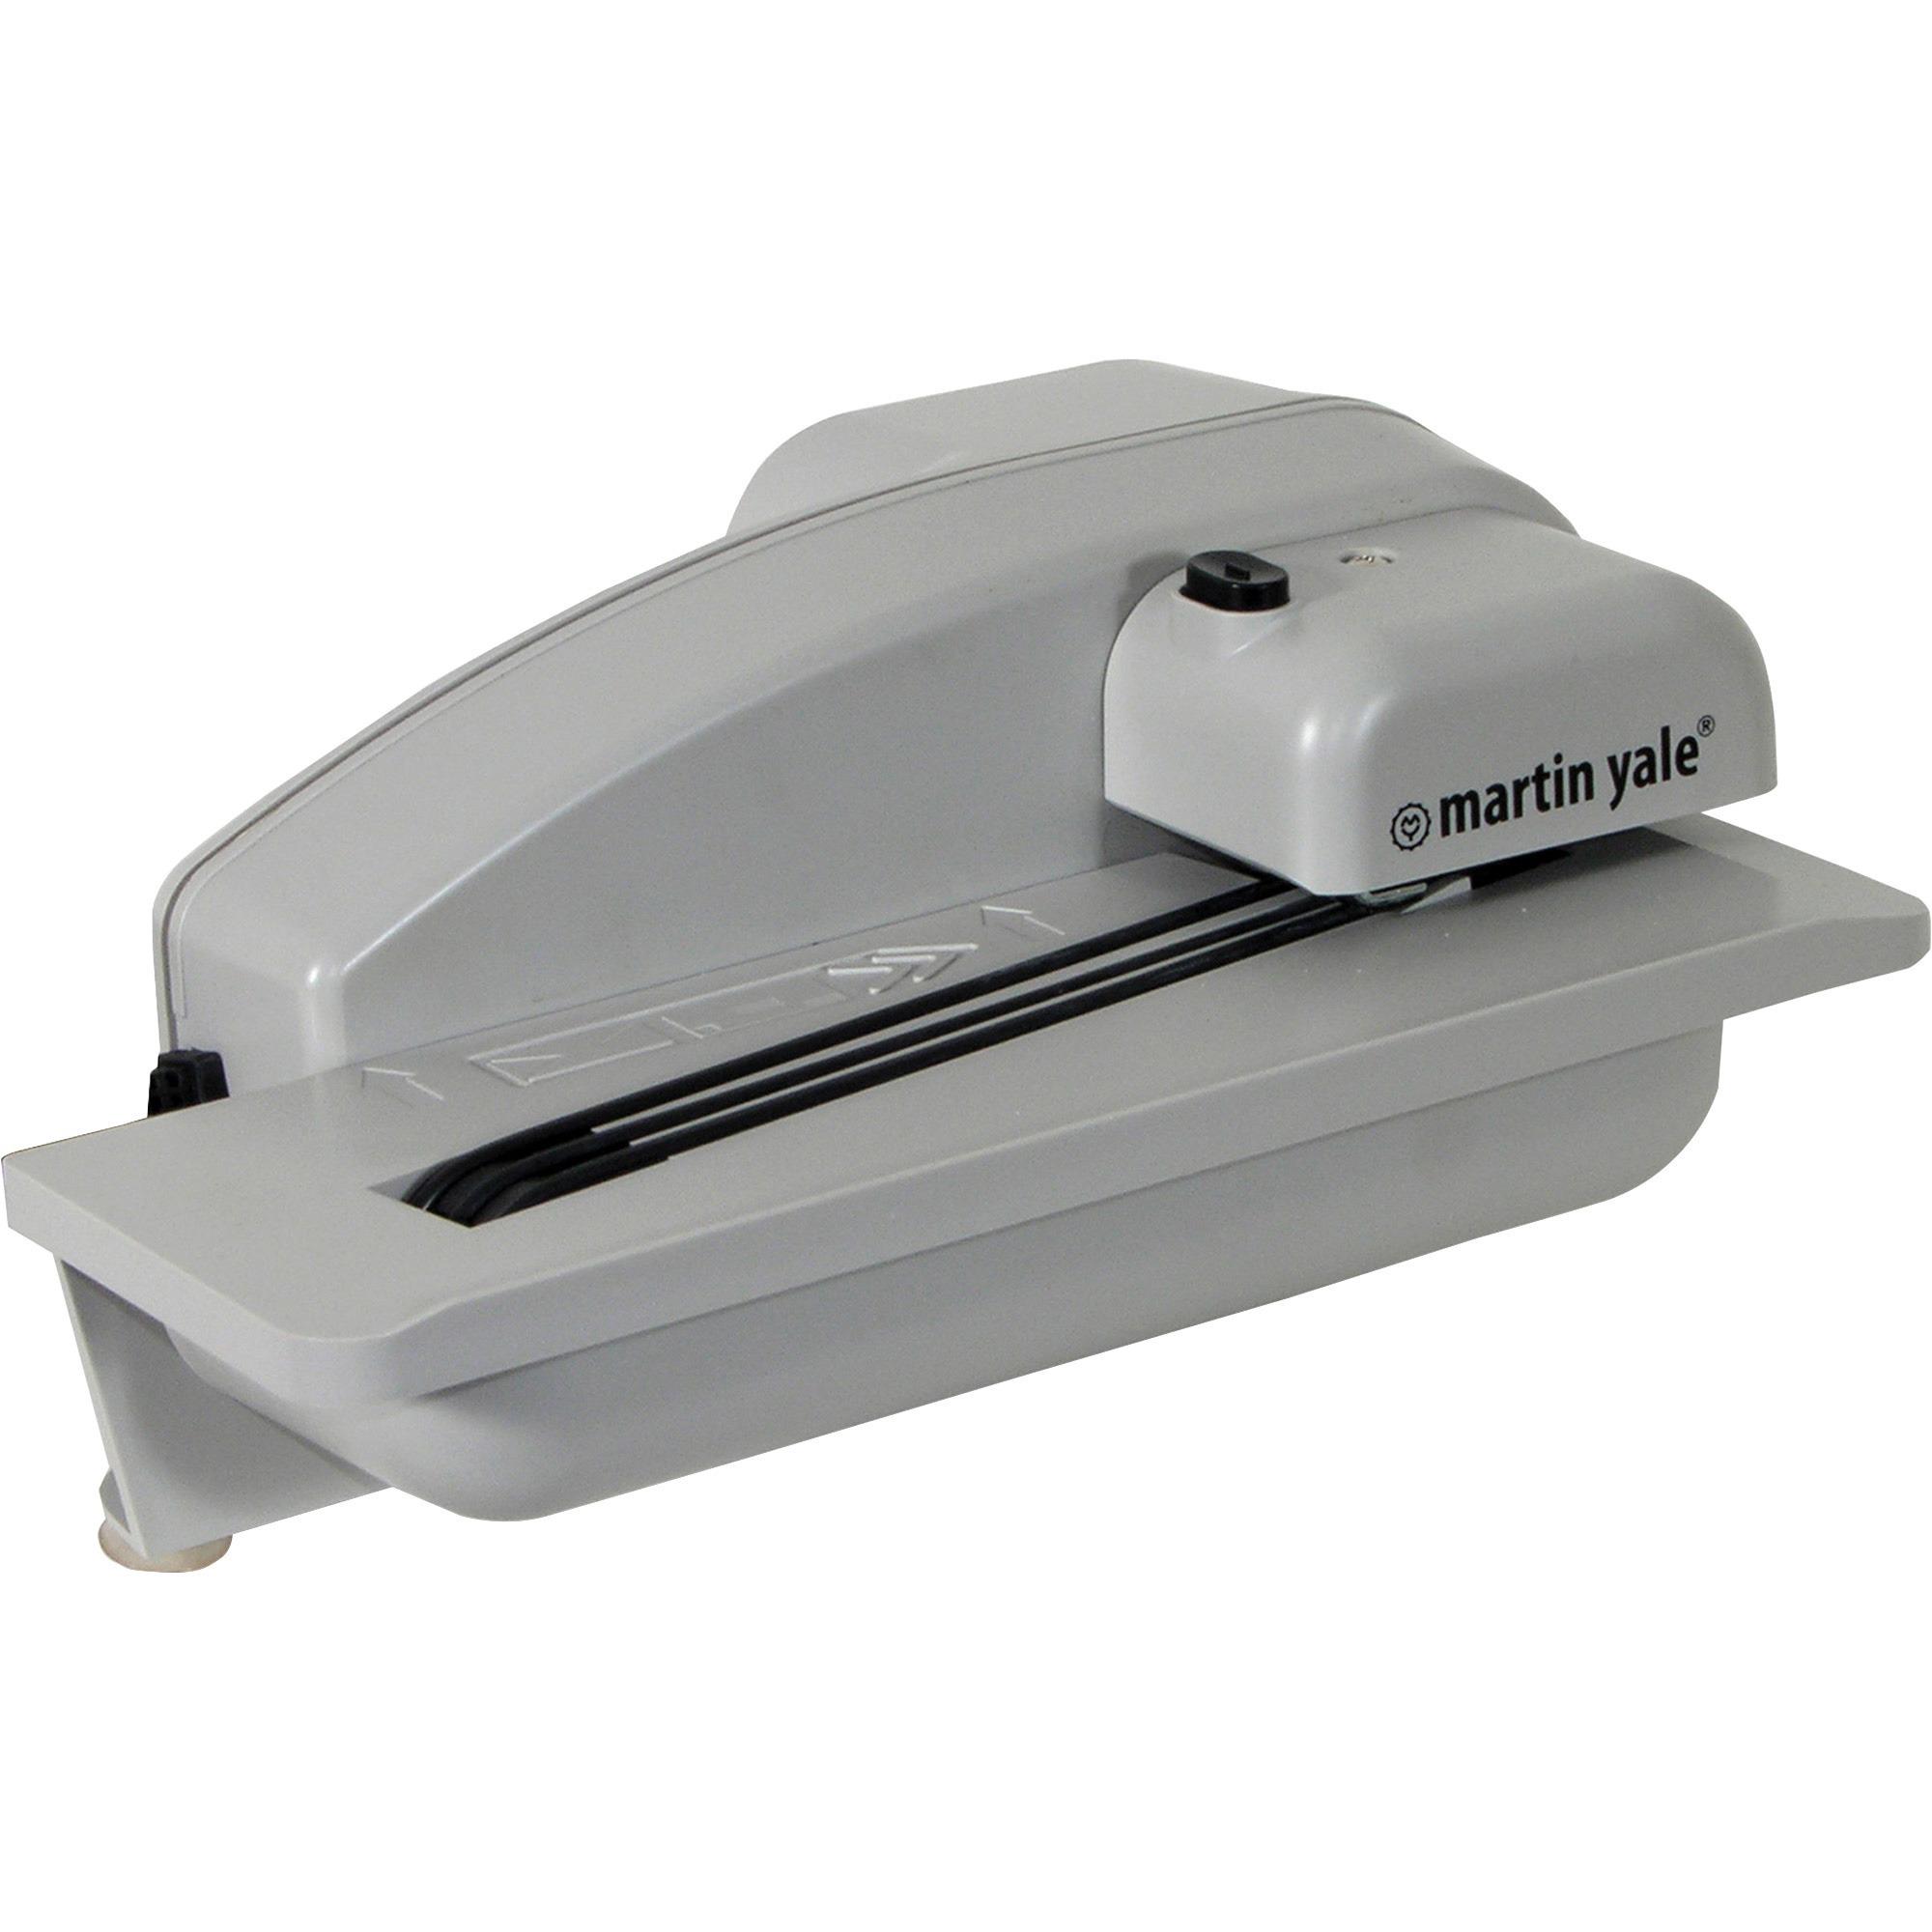 Martin yale premier automatic desktop letter opener pre1628 for Automatic electric letter opener